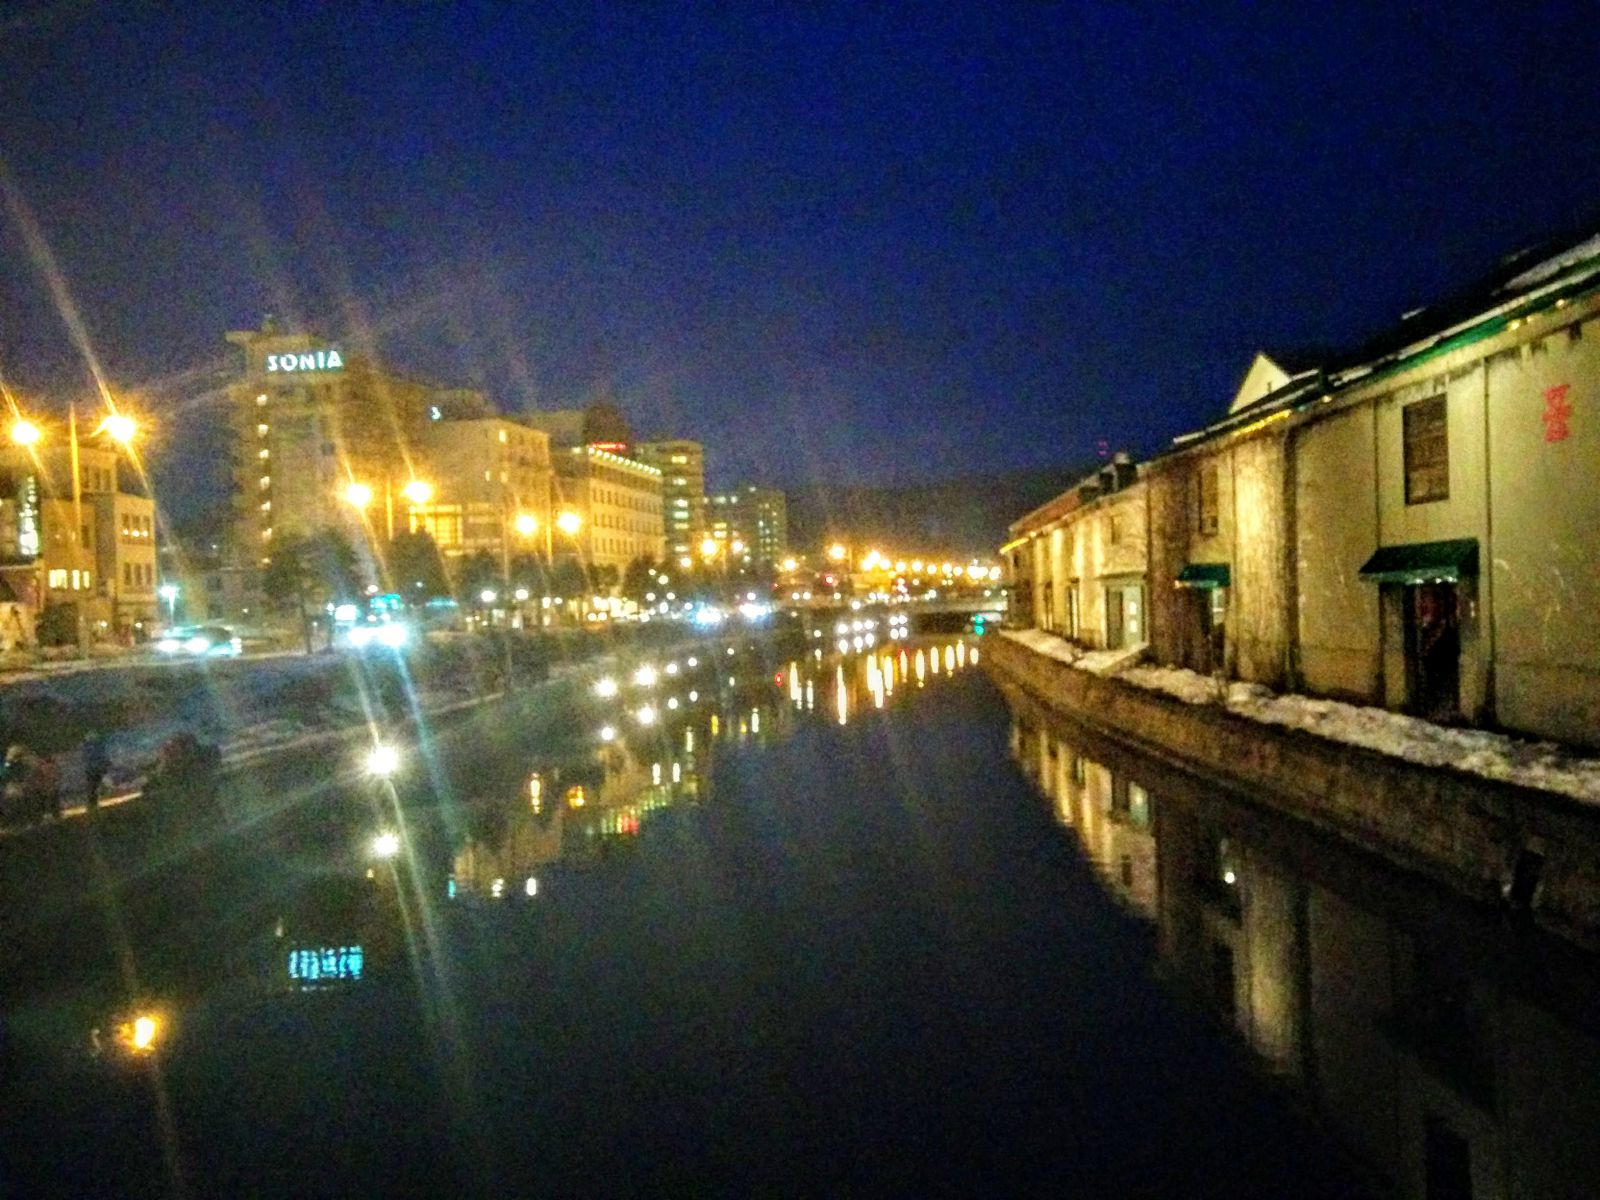 【小樽観光タクシー】冬の夜の小樽運河観光案内です。